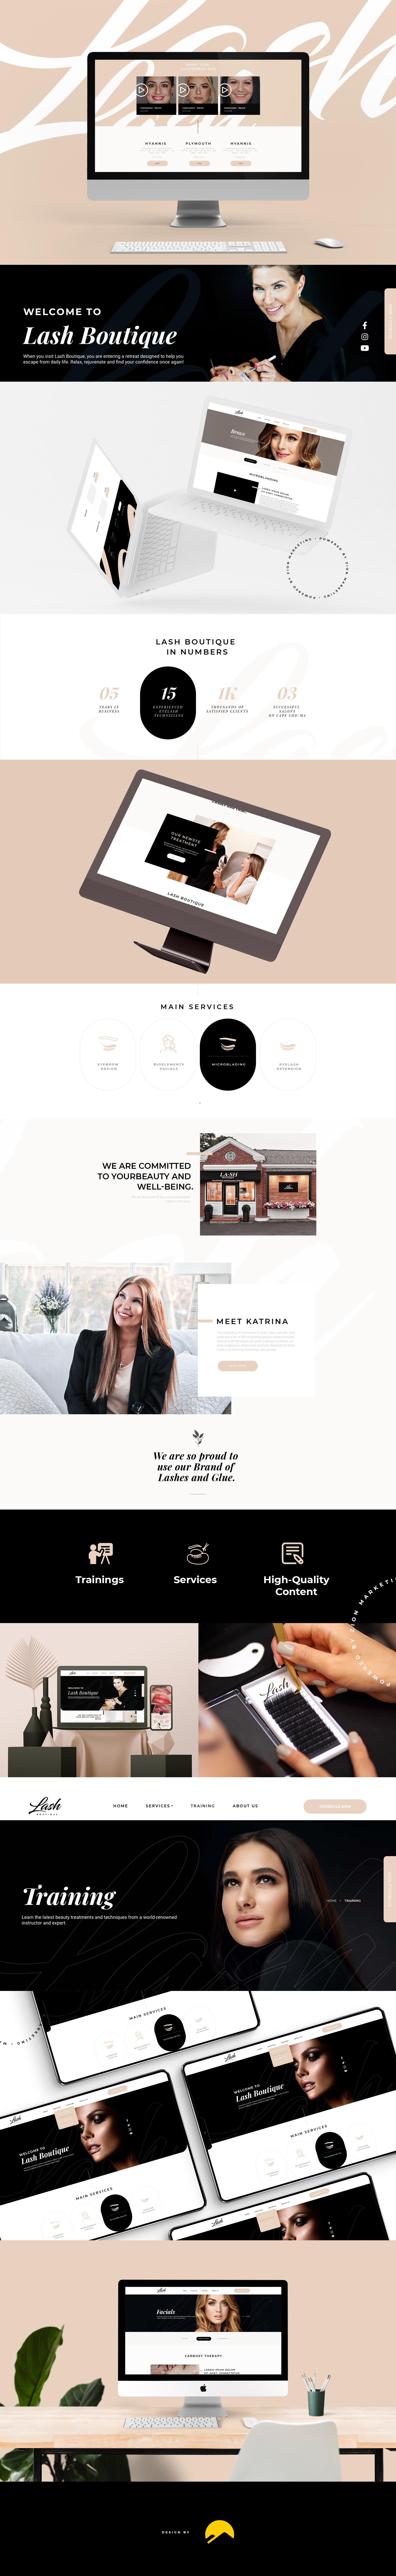 Lash Boutique – Website Development - Desktop